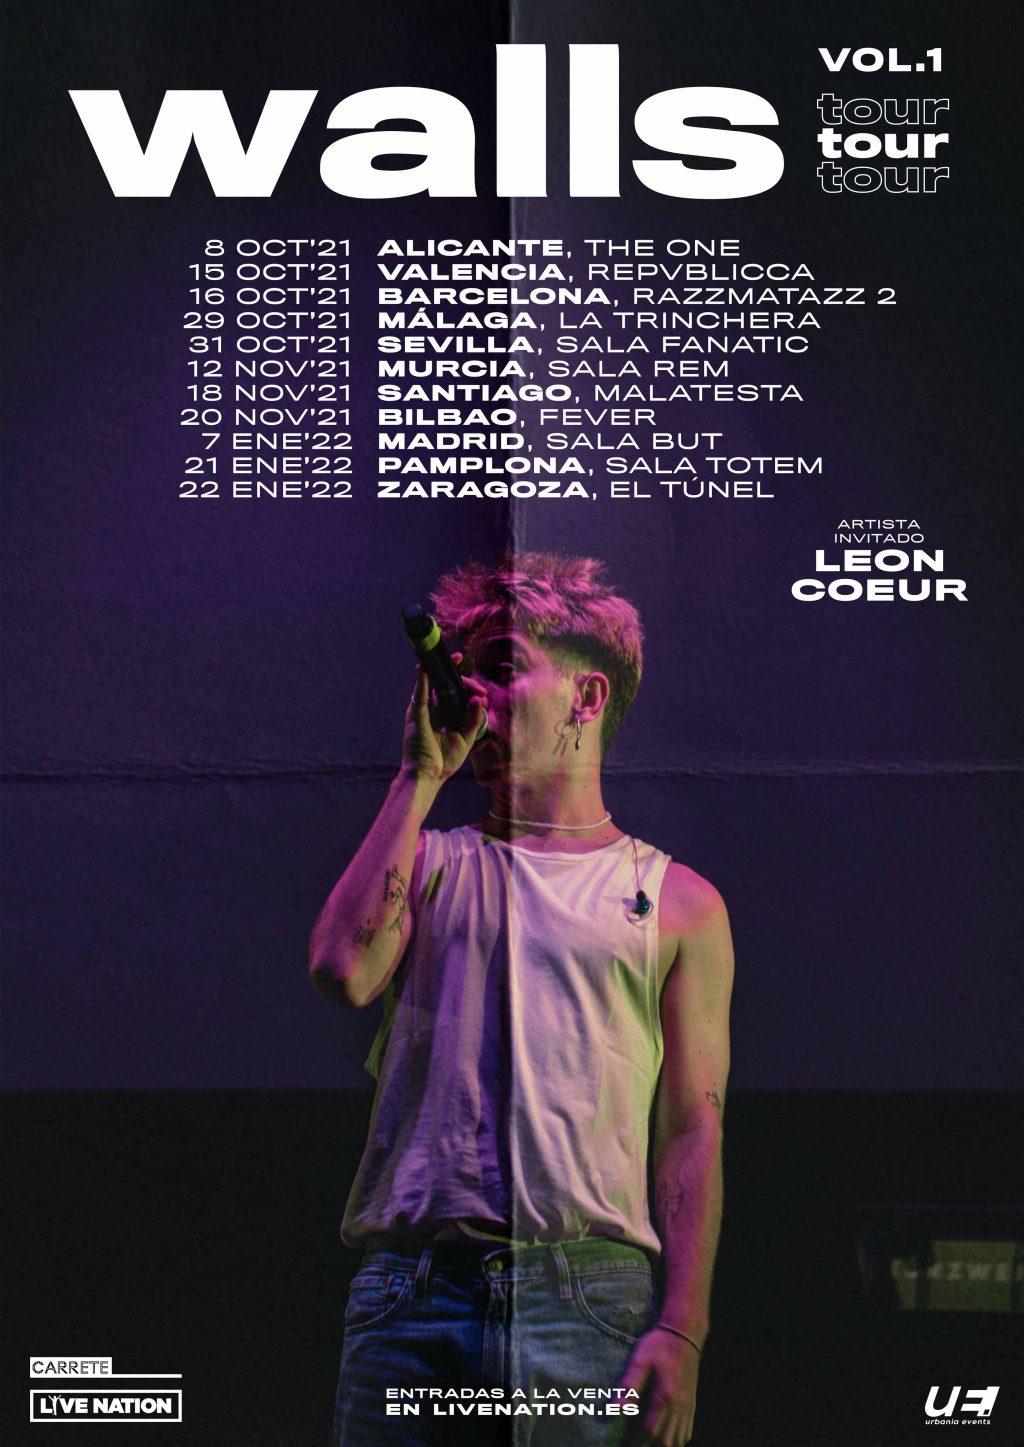 Walls Tour Vol. 1